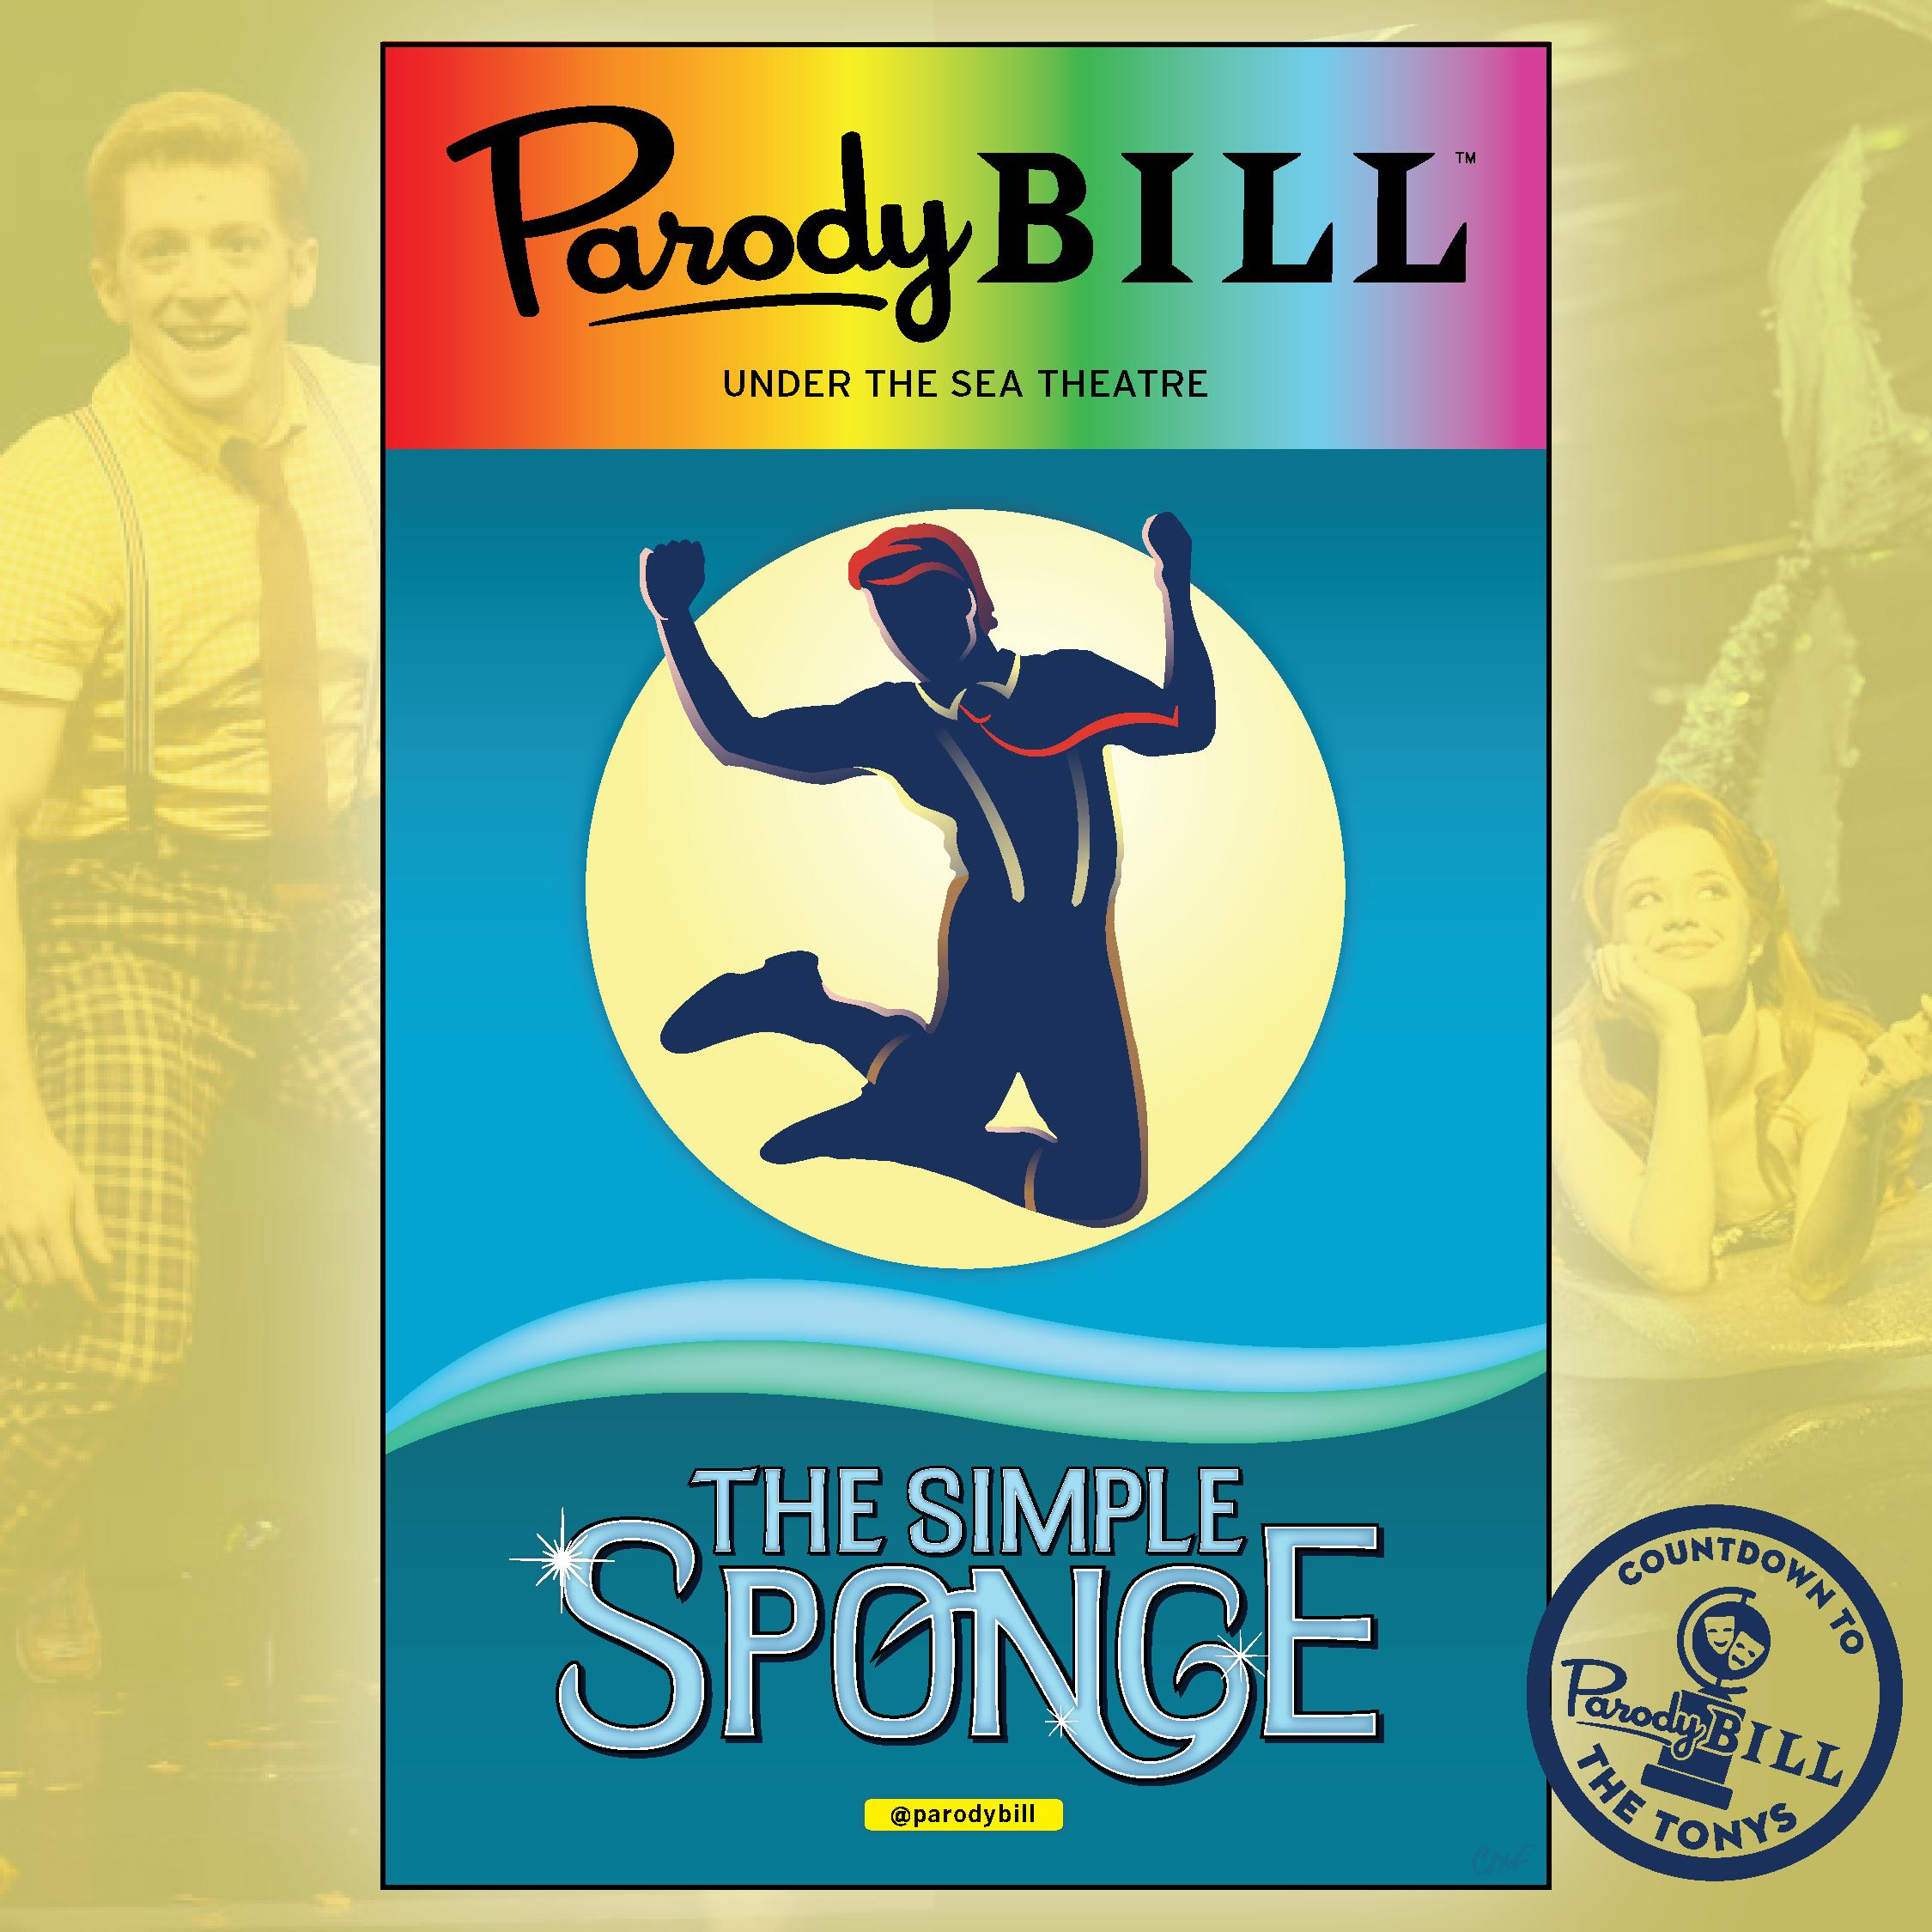 Simple Sponge-01.png